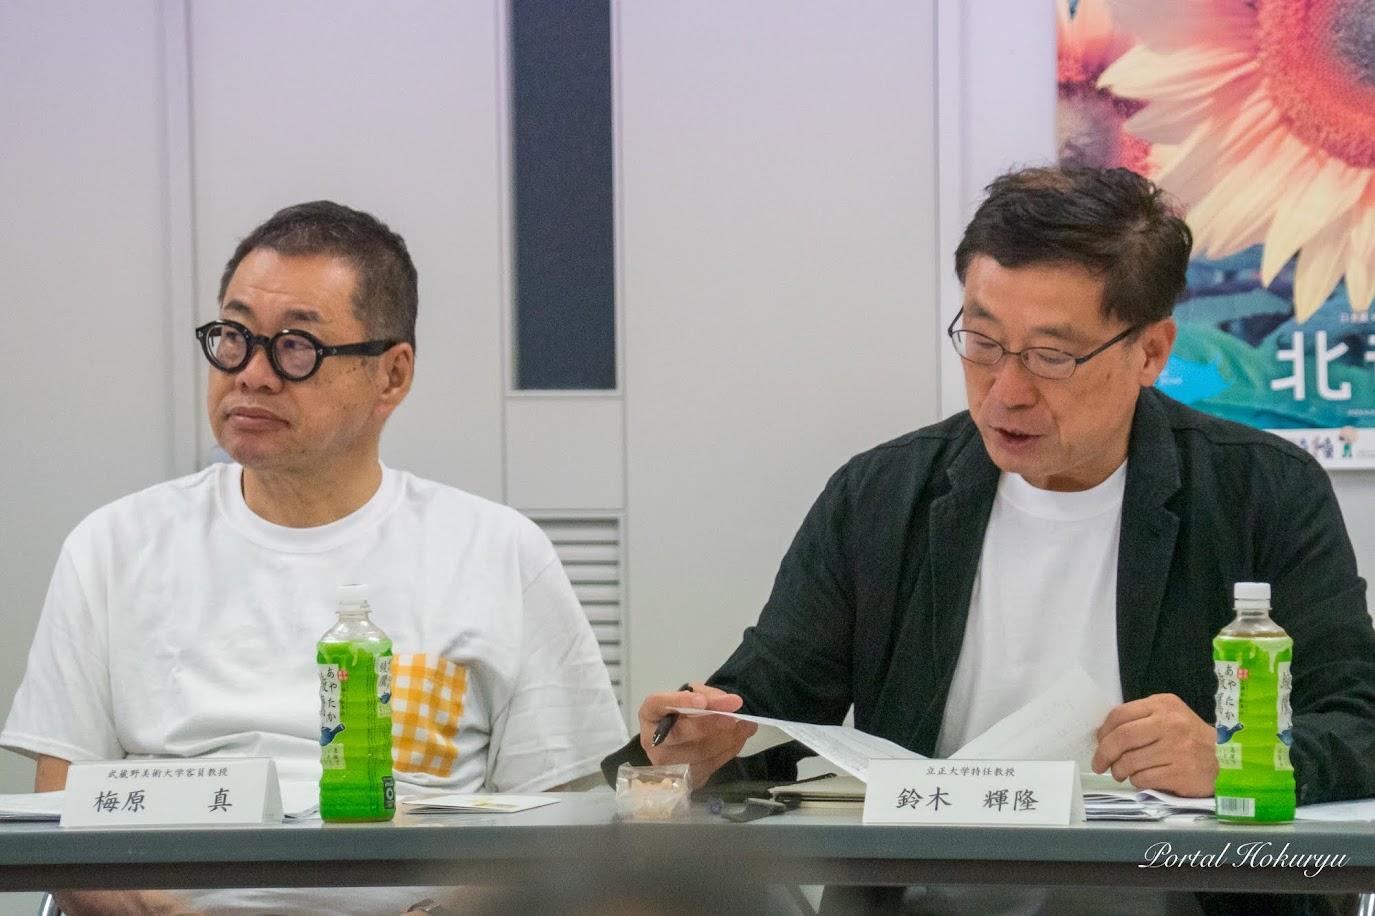 鈴木輝隆 委員長(右)と梅原真 委員(左)